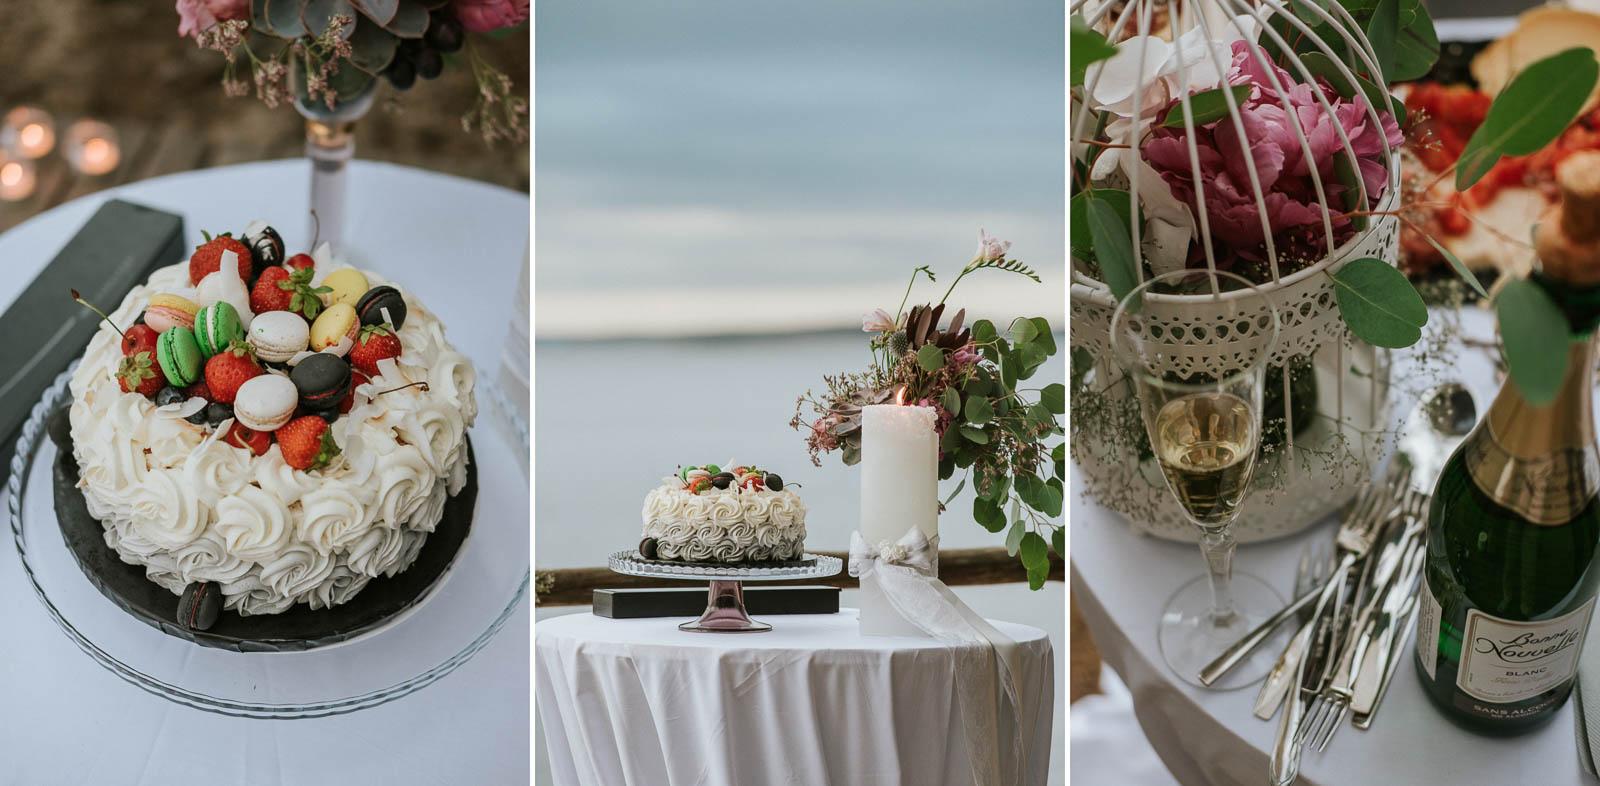 mari-liis-rannes-wedding-pulm-pulmafotograaf-mait-juriado-36